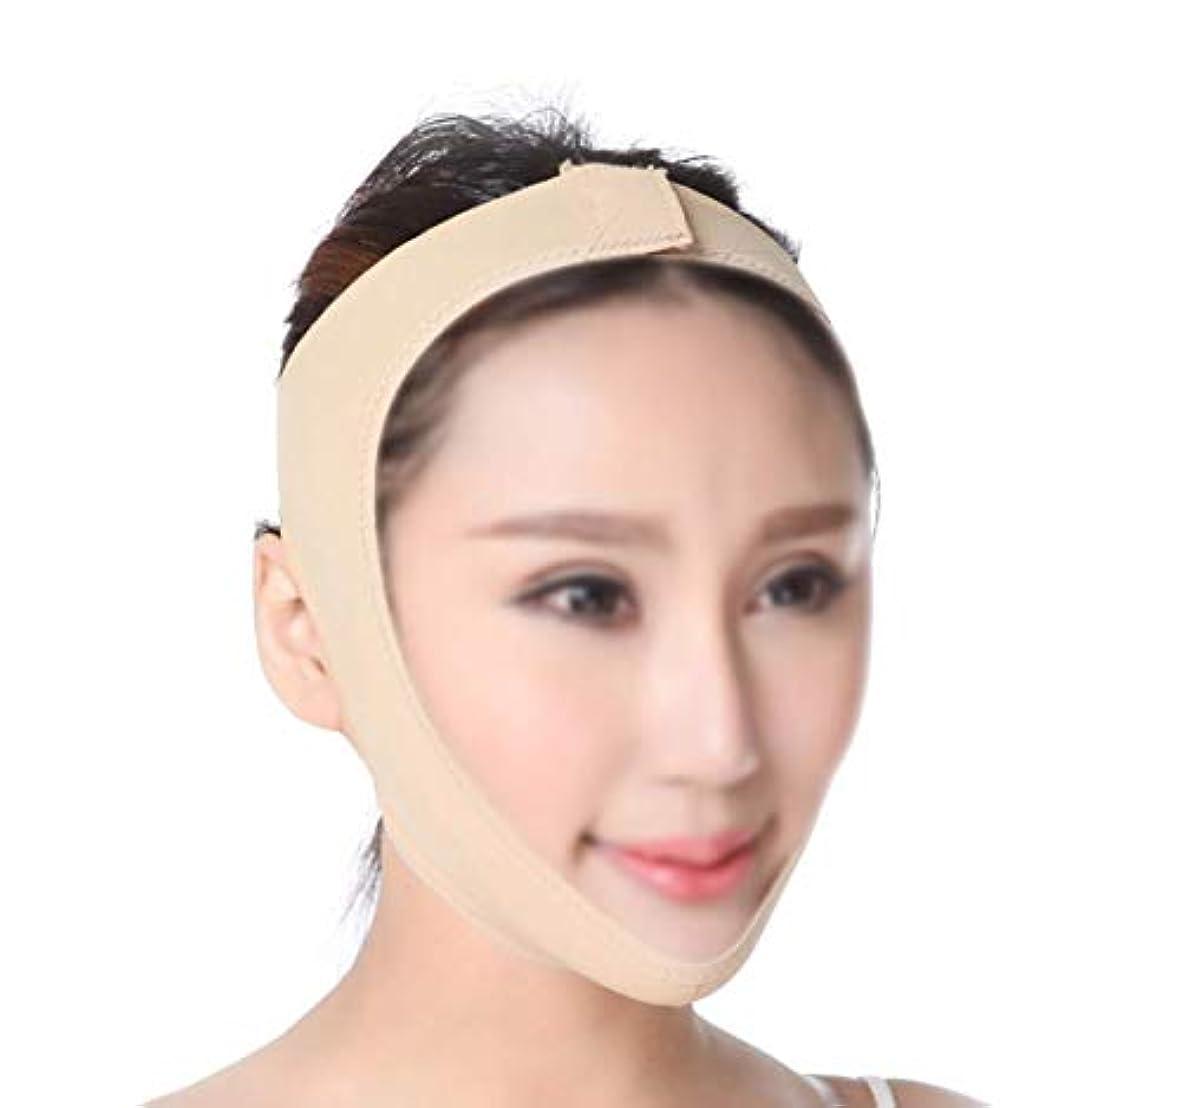 ピグマリオン影響スポーツの試合を担当している人フェイスリフティング包帯、フェイシャル減量アンチシワケアフェイスリフトで肌を引き締め、二重あごを効果的に改善し、V字型の顔になります(サイズ:S),L